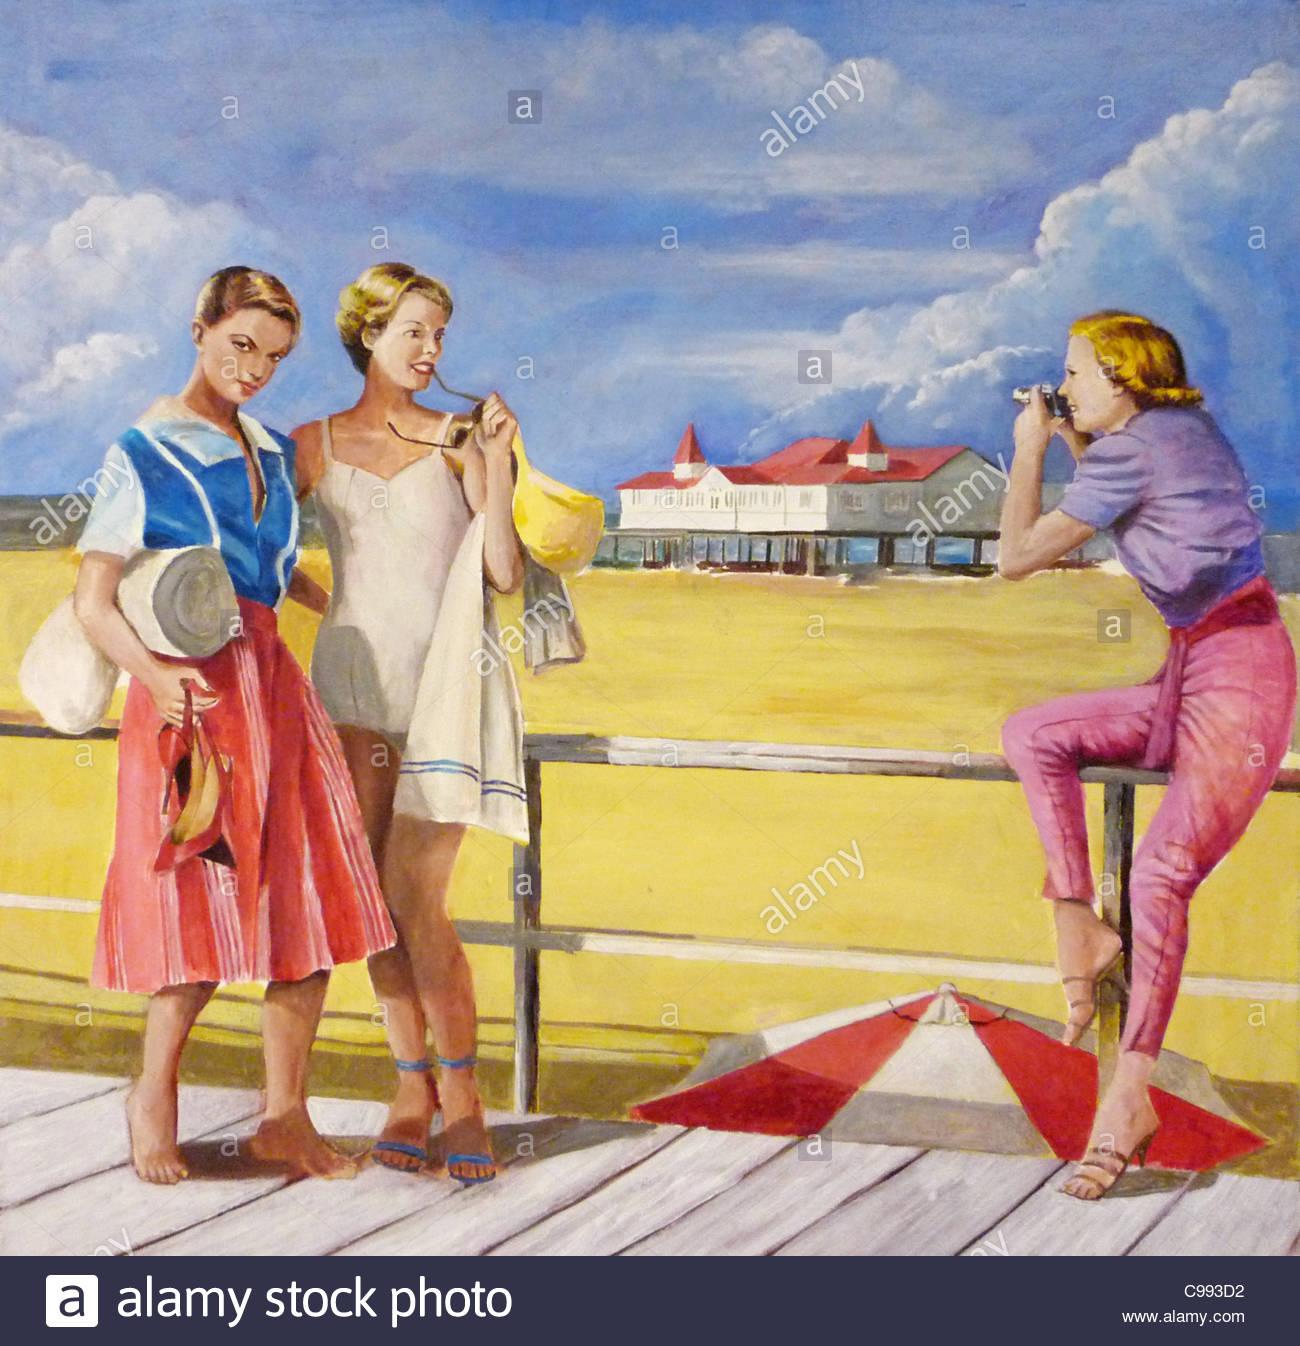 50's Years Girls on beach Summer - Stock Image